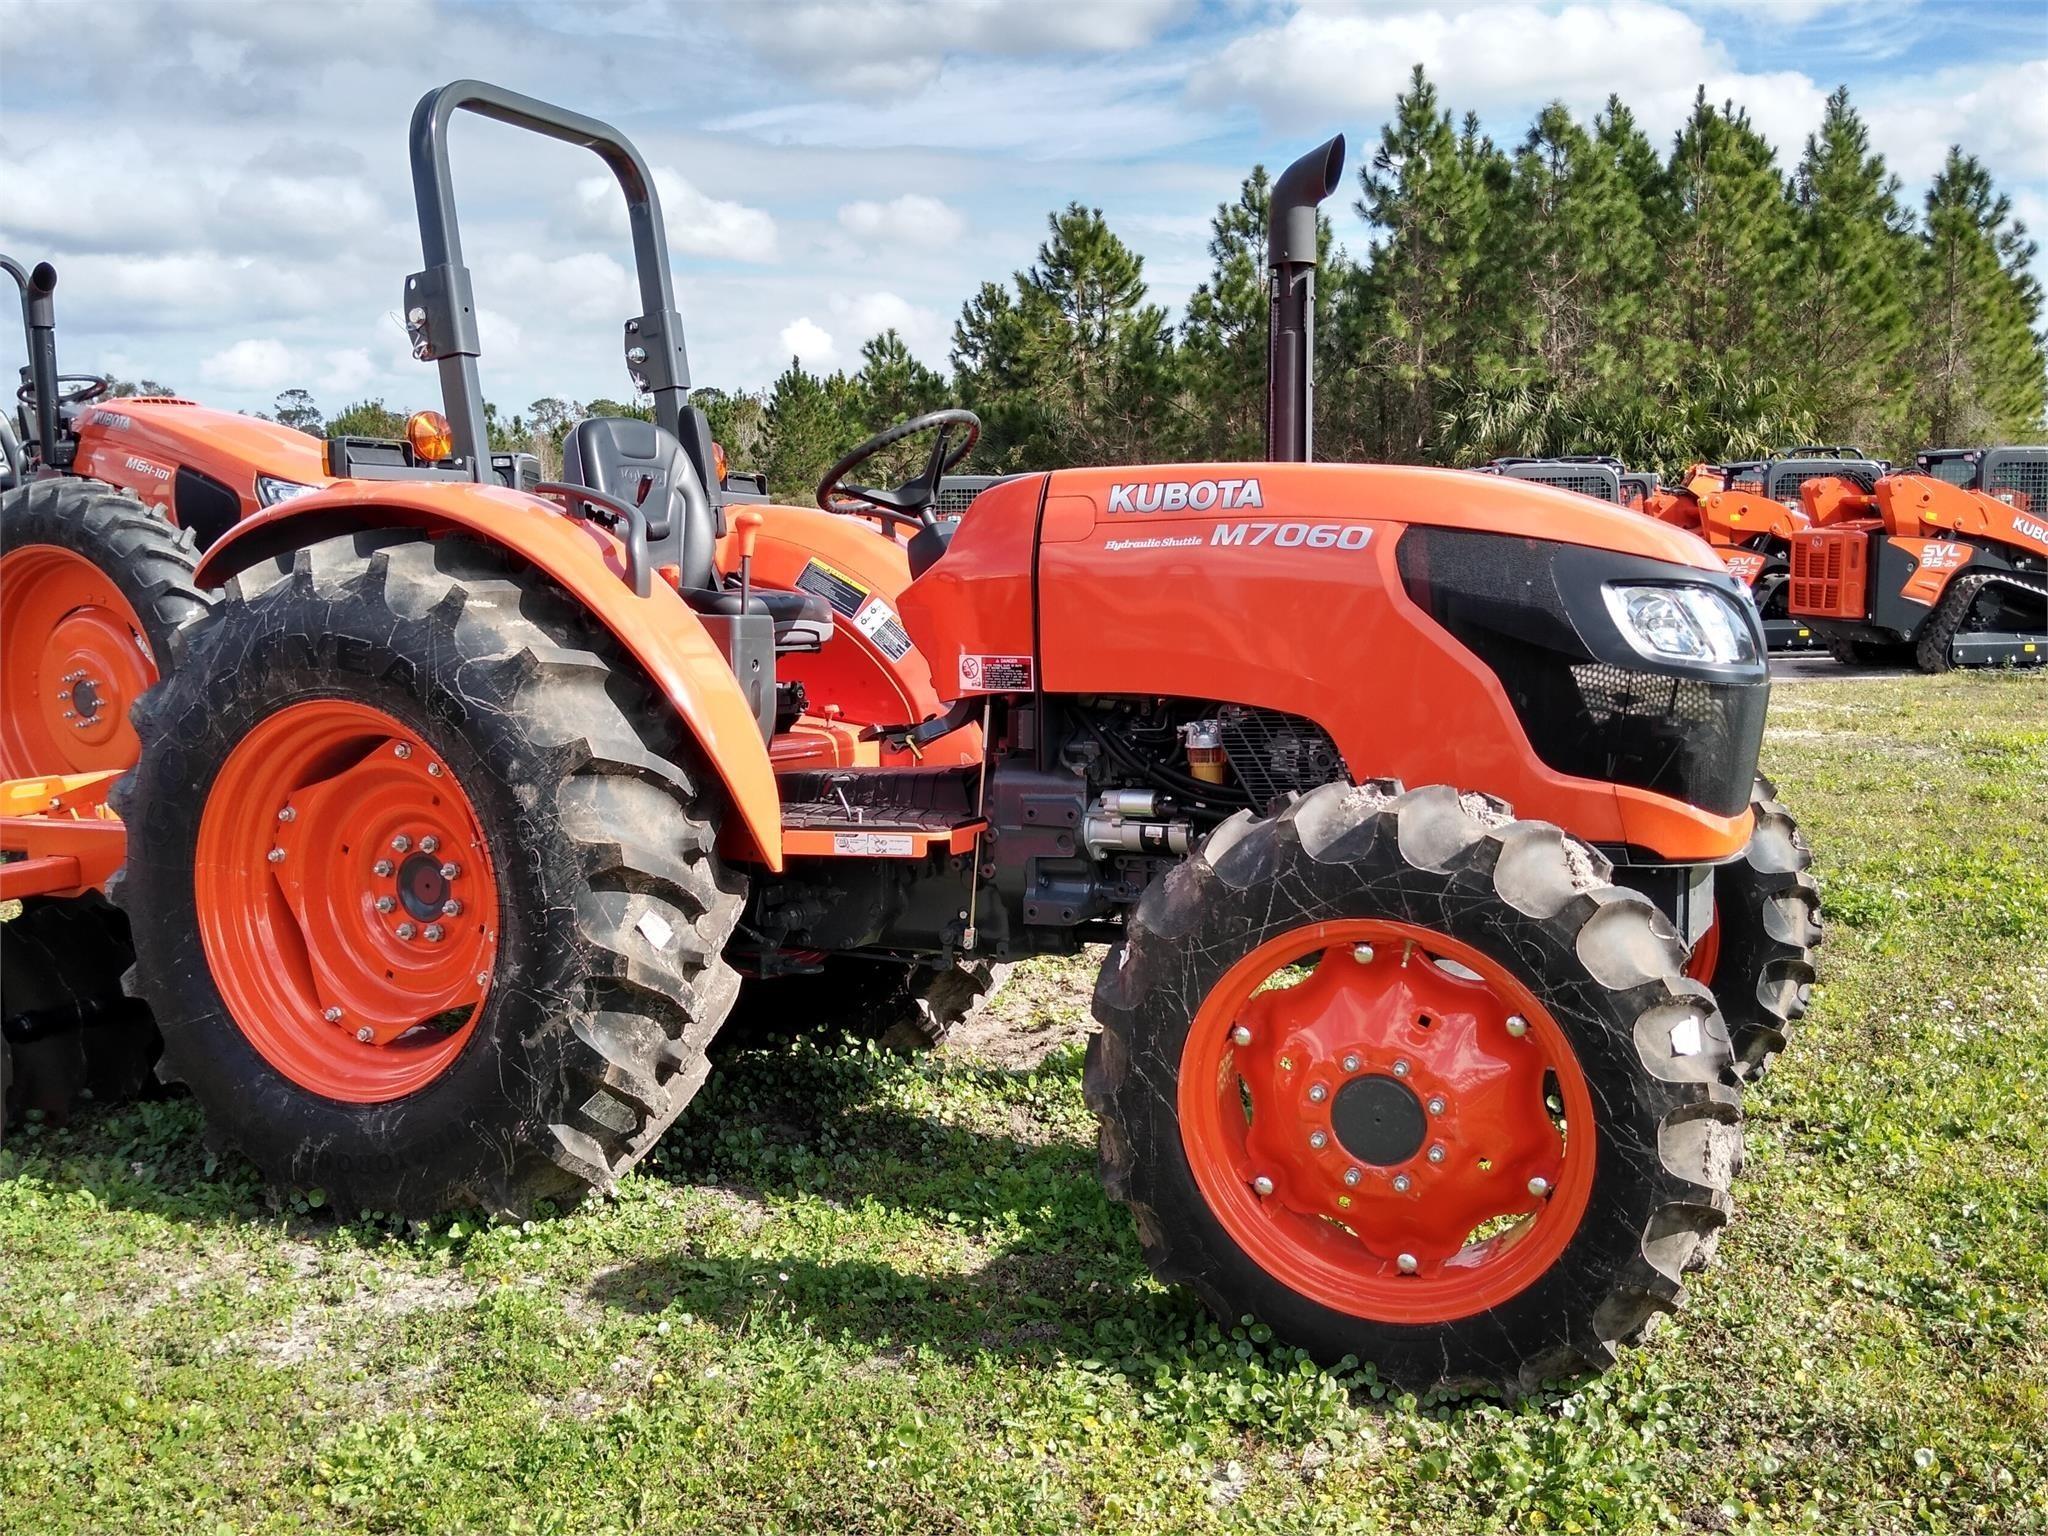 2019 Kubota M7060 Tractor